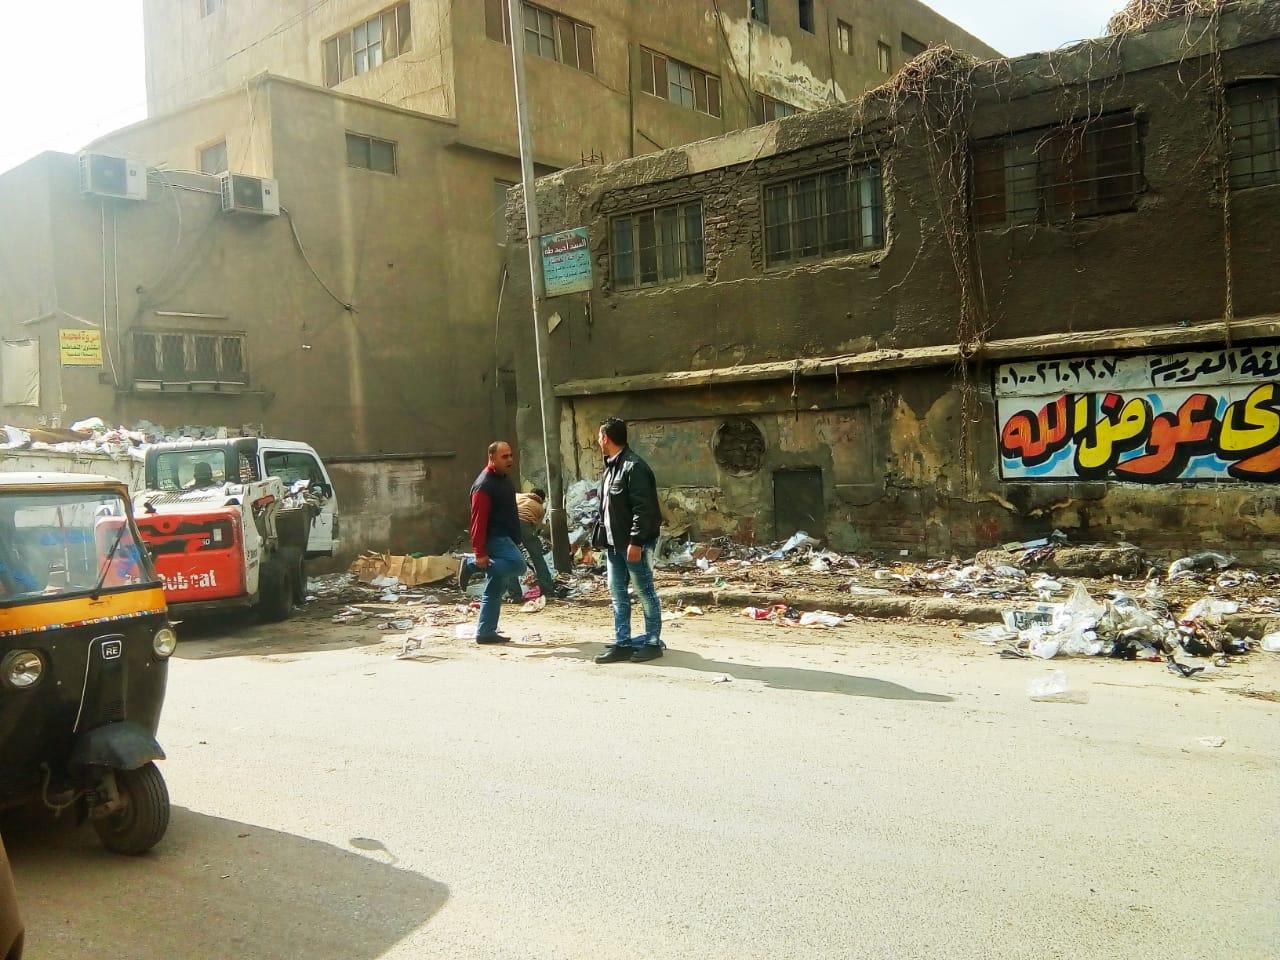 رفع القمامة من شارع عرابى بشبرا الخيمة (8)